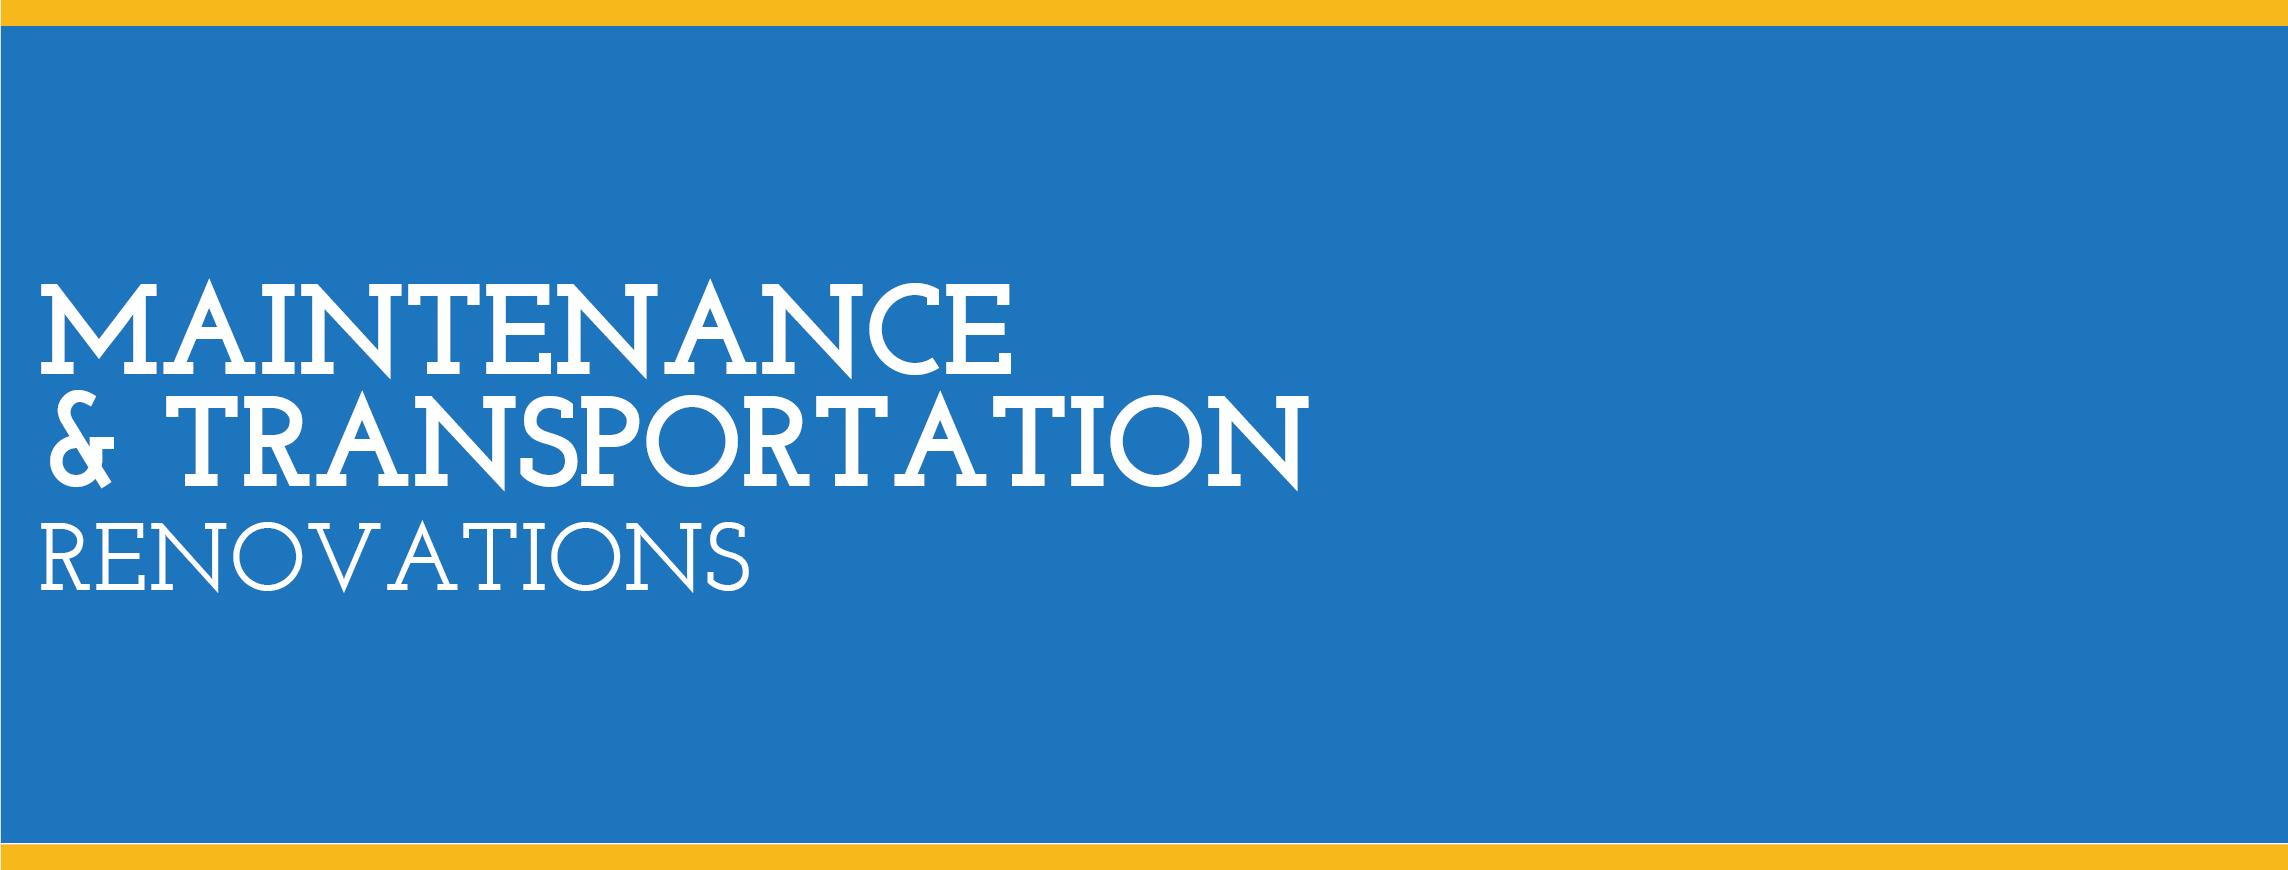 Maintenance & Transportation.jpg